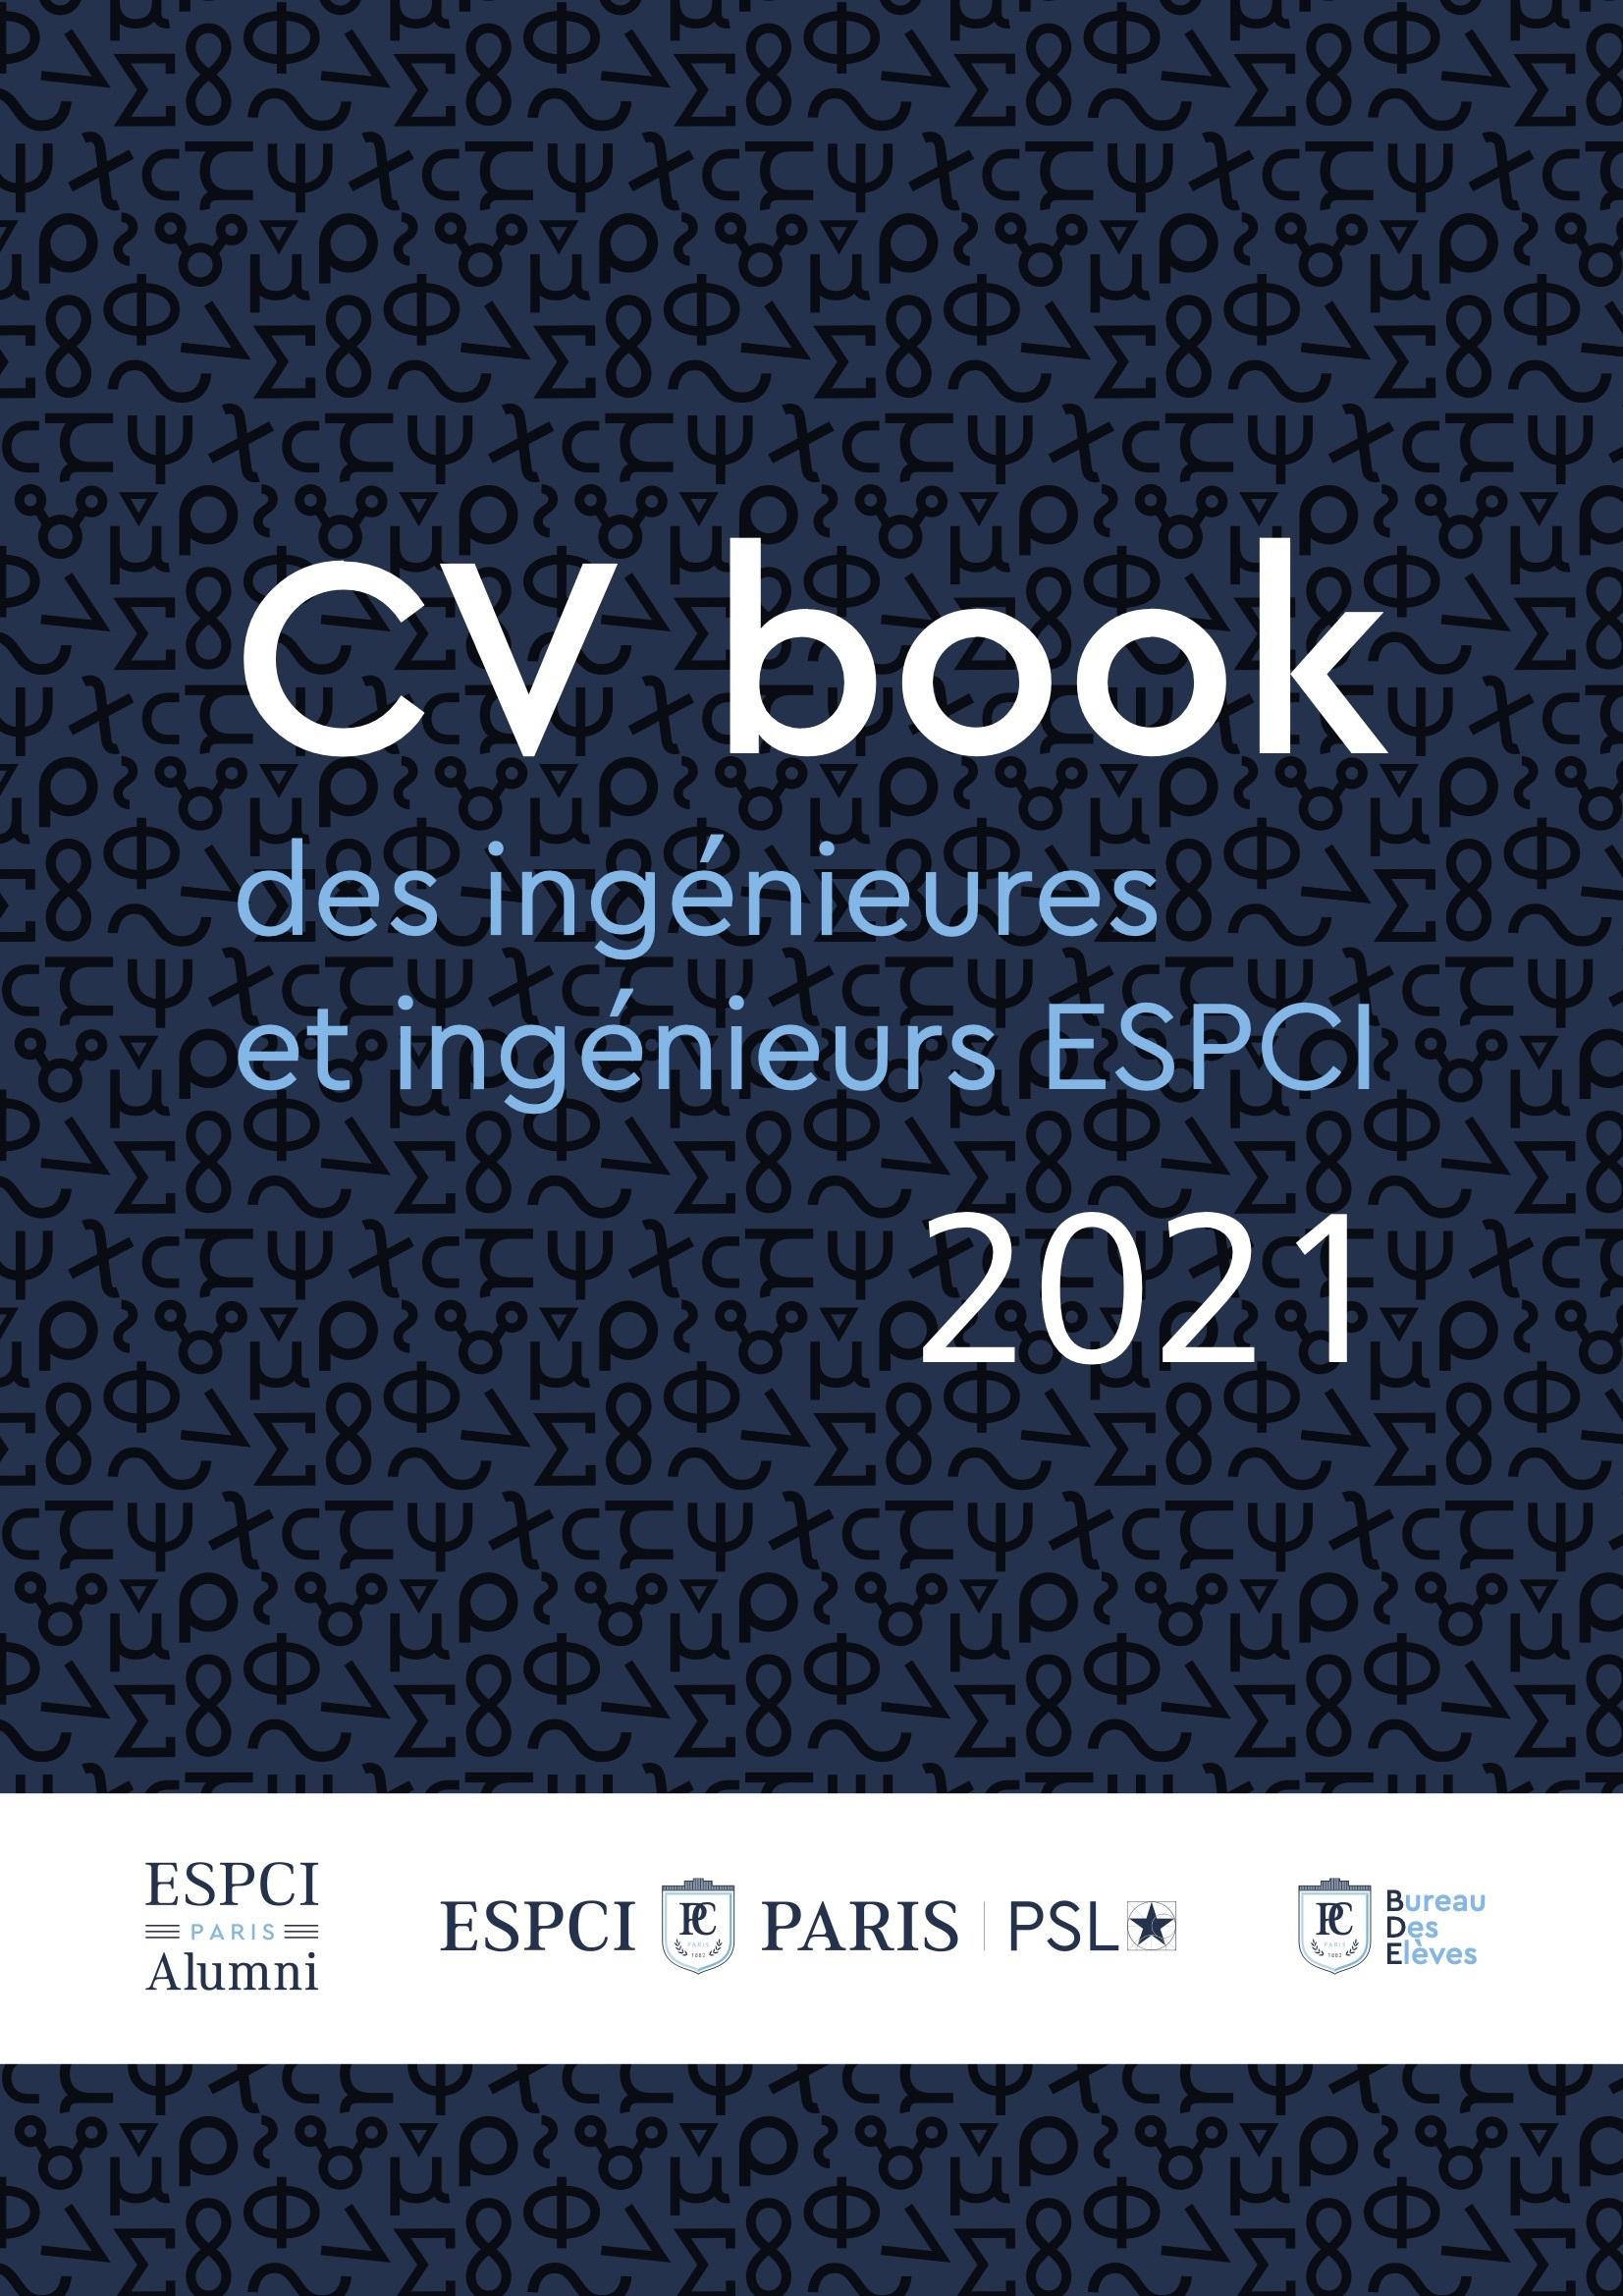 ESPCI Alumni CV Book 2021